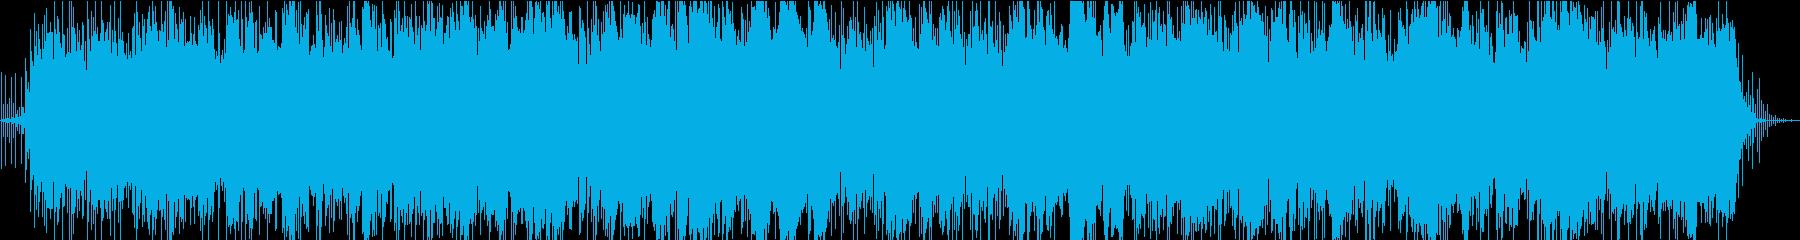 ピンクフロイドスタイルのギターサウンド。の再生済みの波形